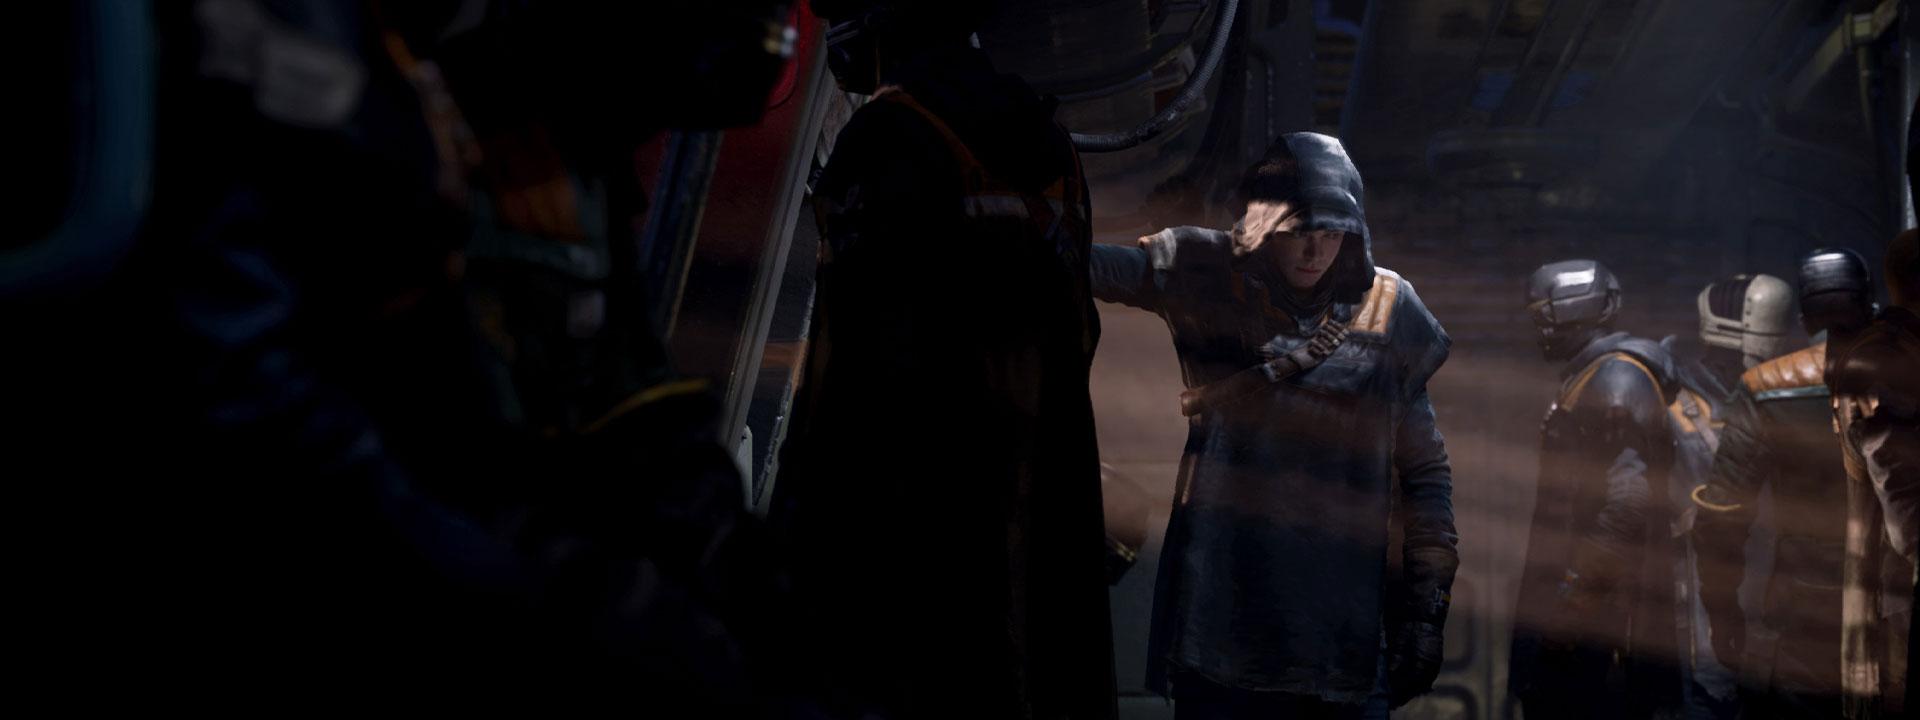 Cal Kestis schovává obličej pod kapucí na vozidle plném lidí